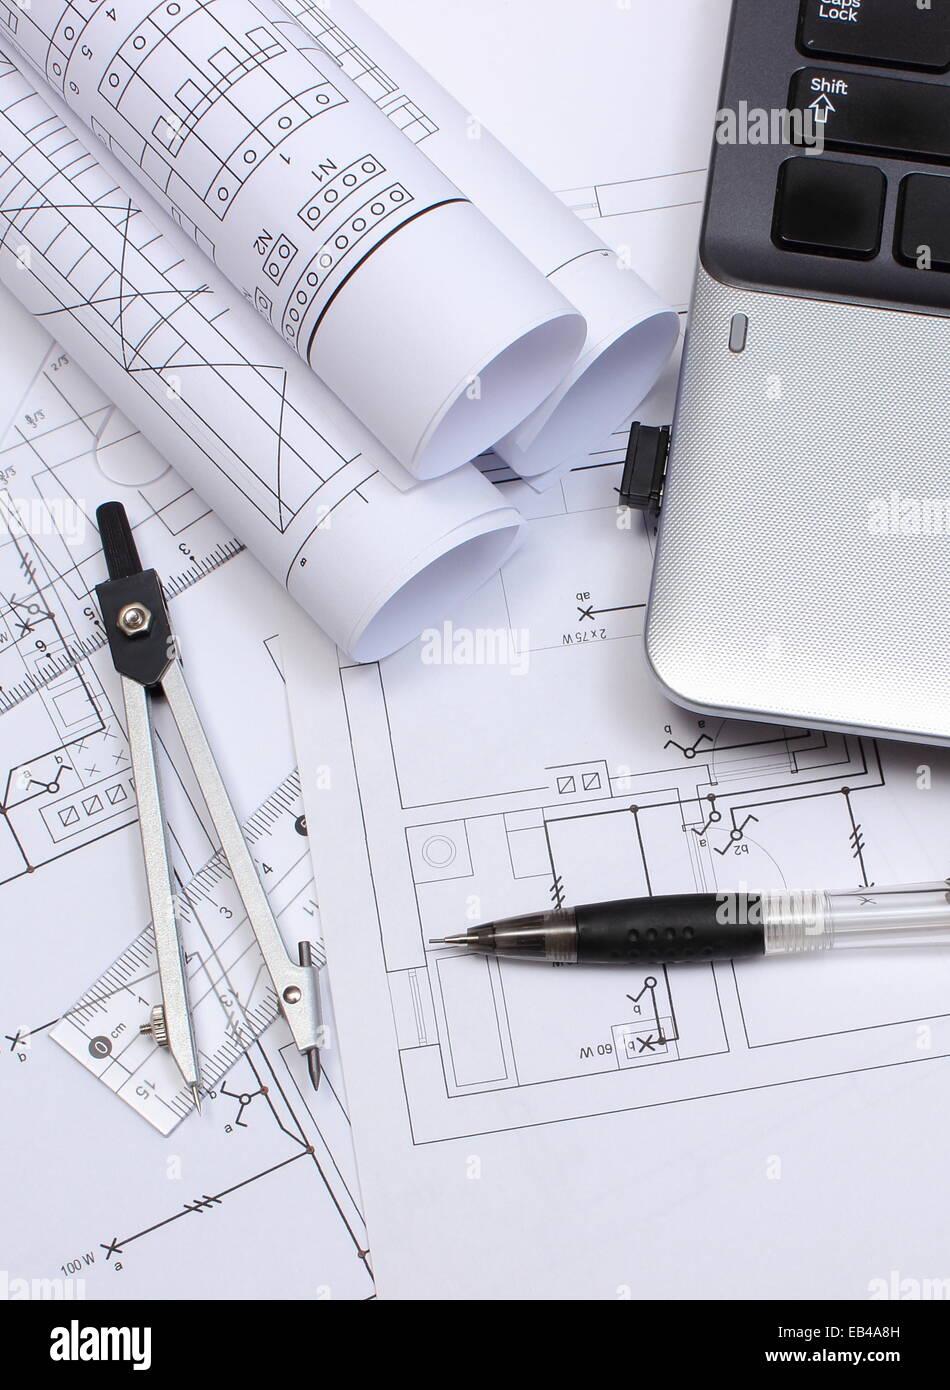 Schemi Elettrici Per Casa : Rotoli di schemi elettrici disegni di costruzione della casa